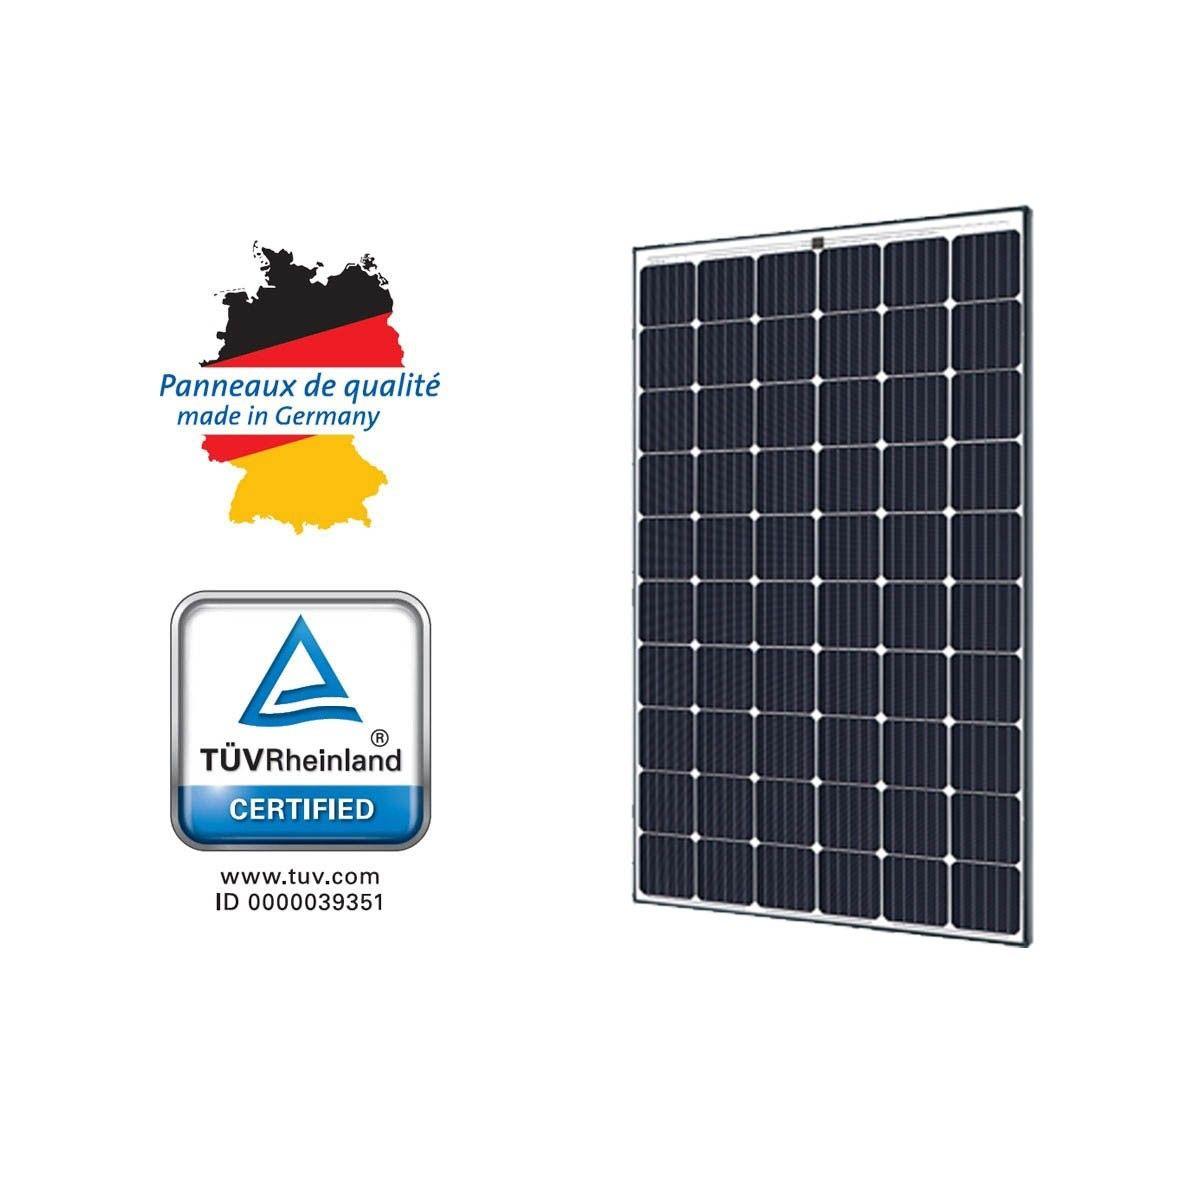 acheter panneau solaire panneaux solaire pliable w with. Black Bedroom Furniture Sets. Home Design Ideas